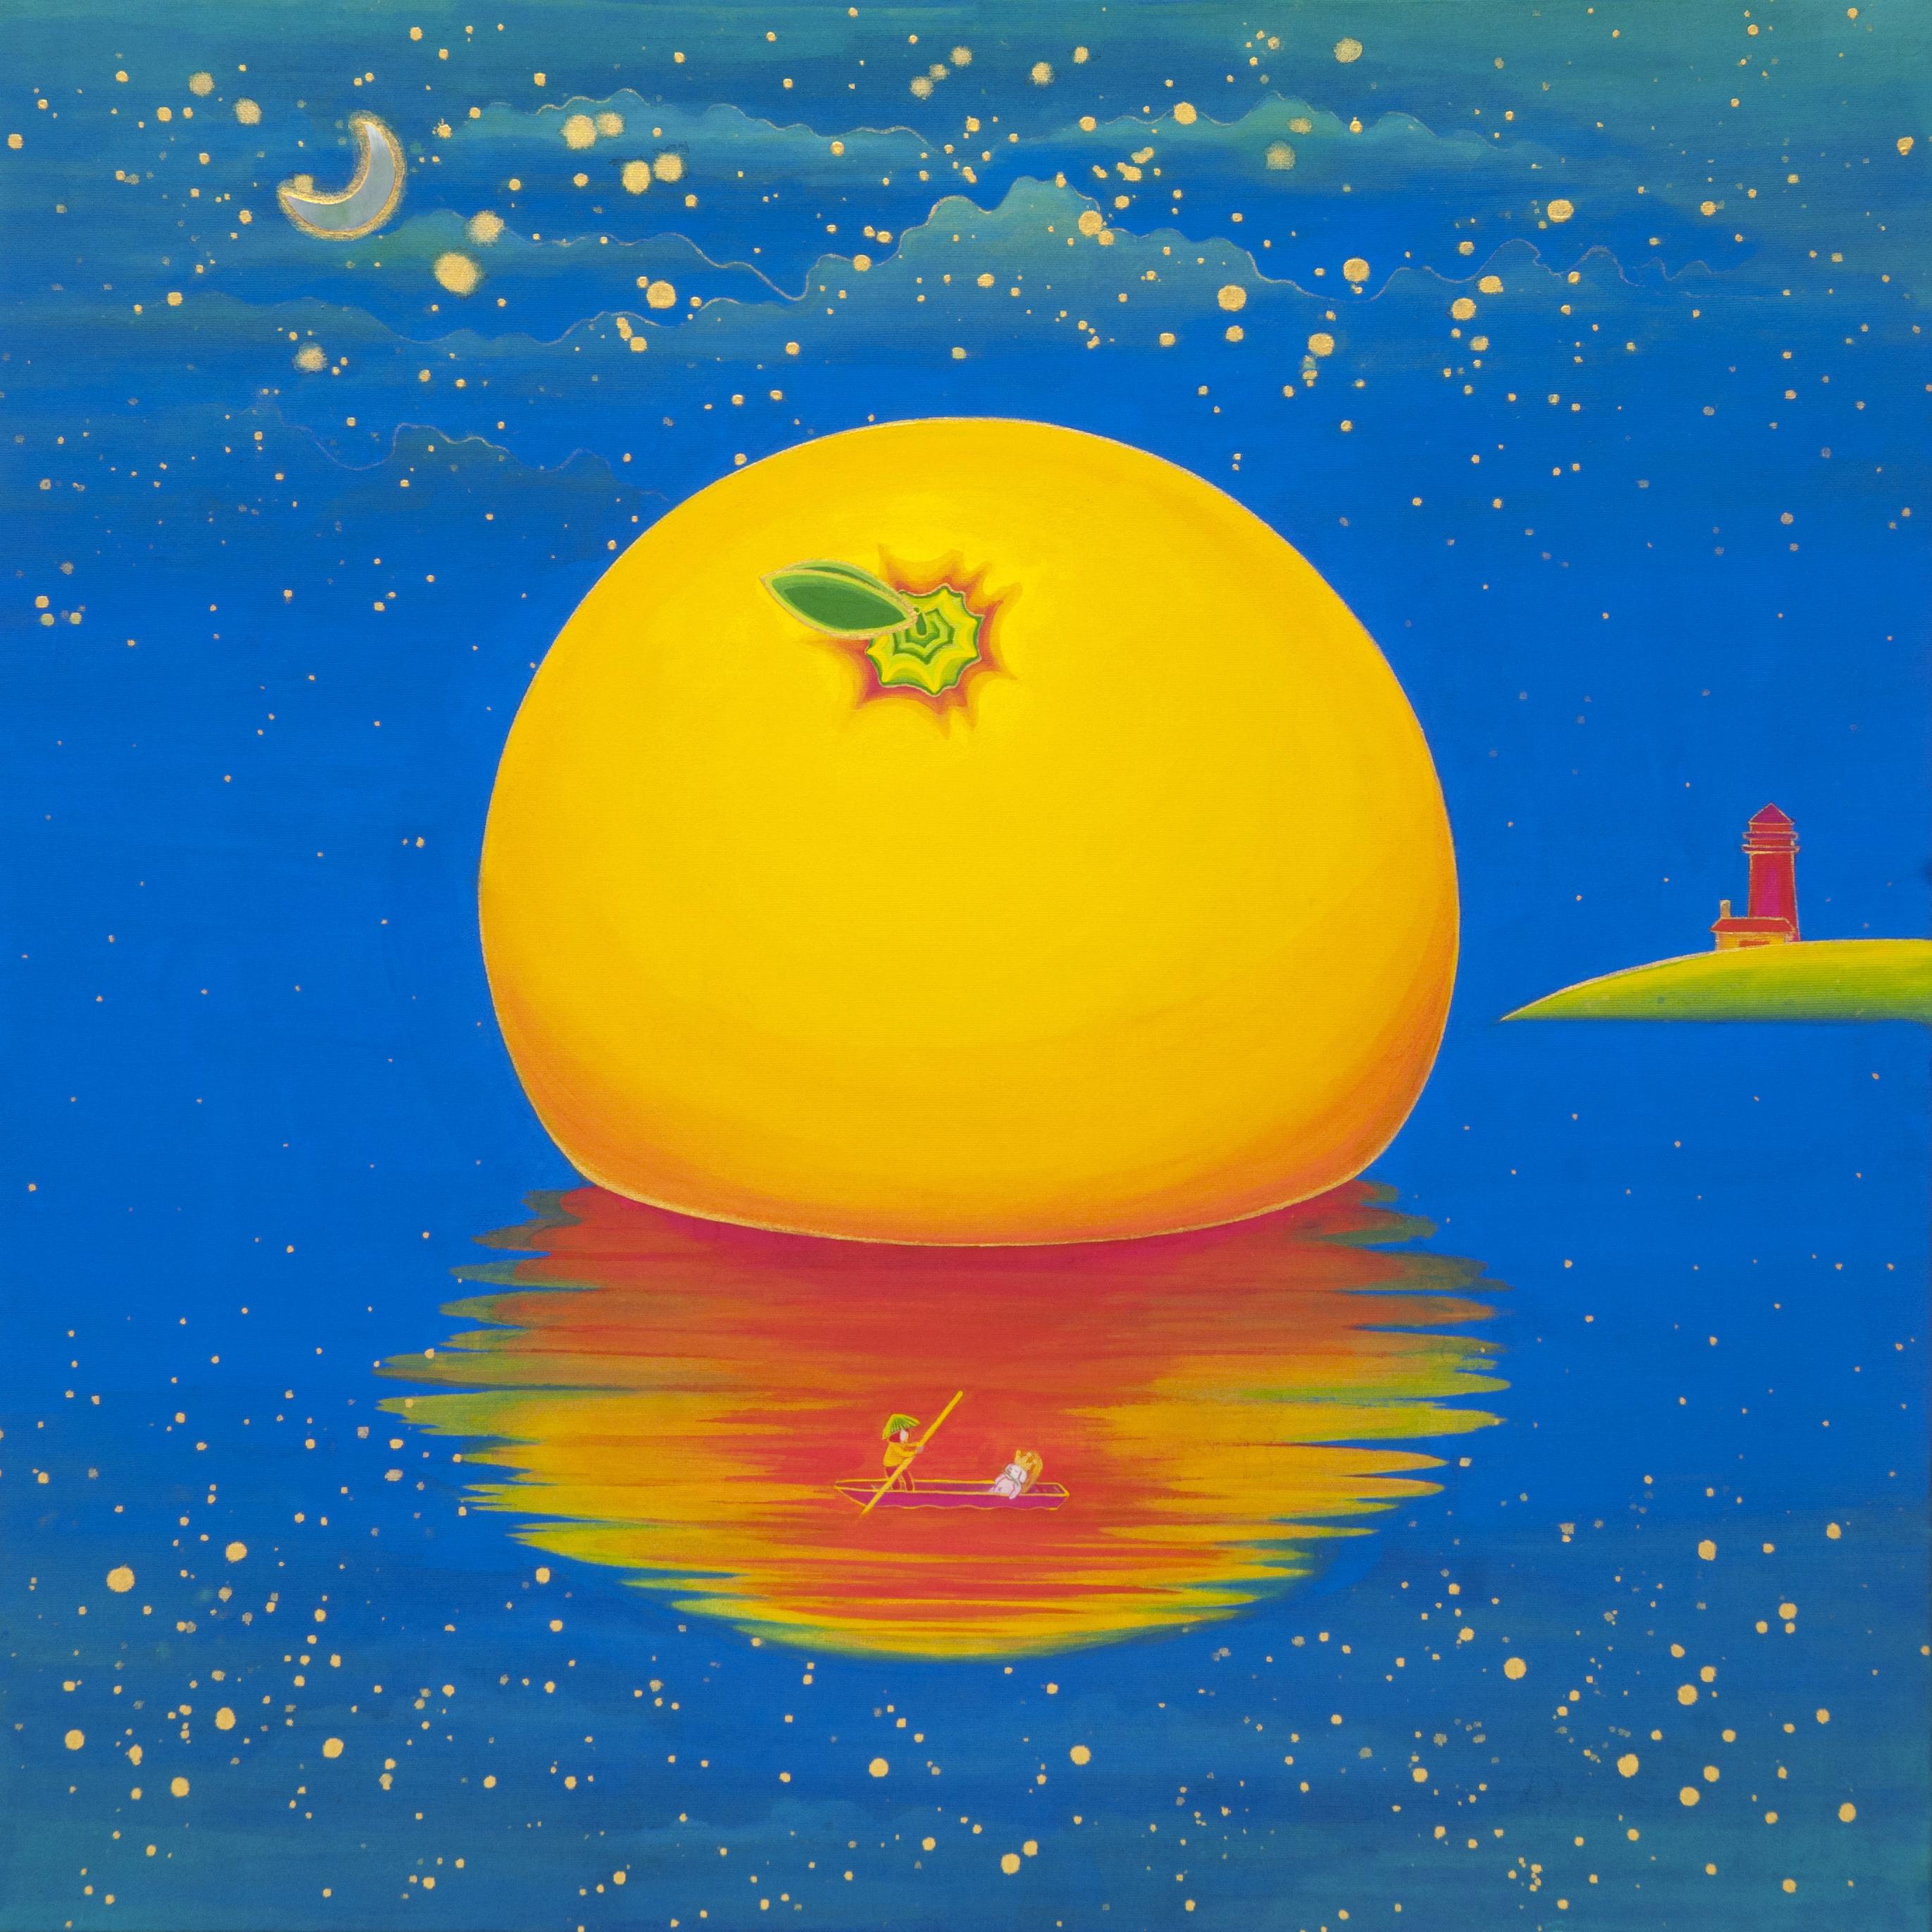 [작품1]Orange_Paradise-island,_50x50cm,_Korean_traditional_painting_with_Nacre(mot